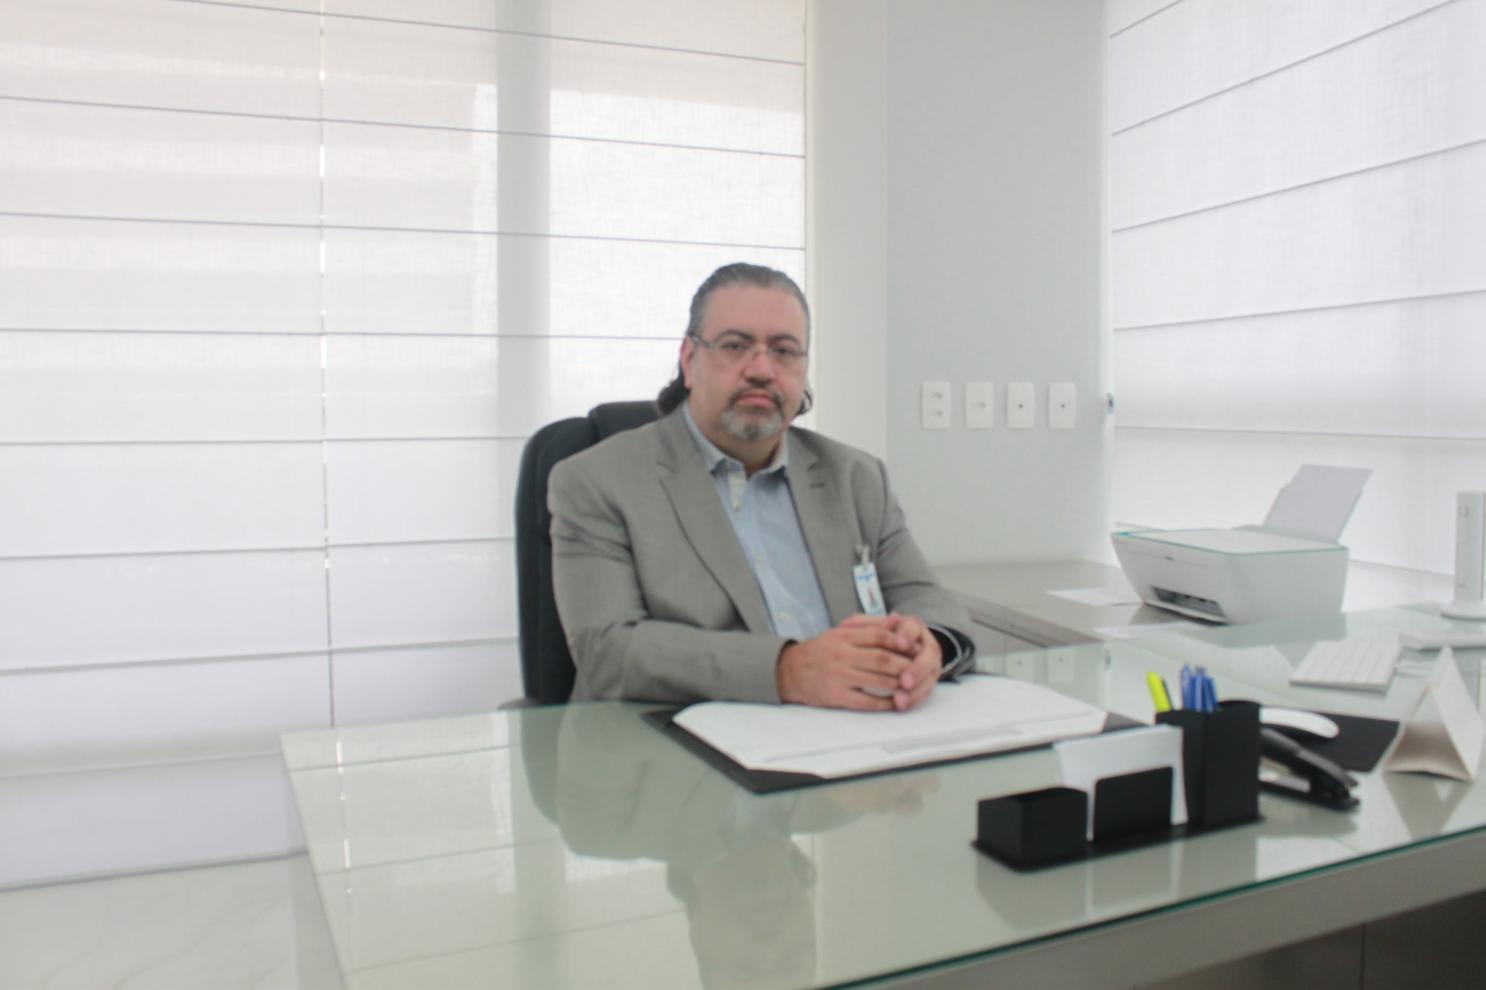 Cirurgia robótica completa 11 anos no Brasil e traz avanços para urologia